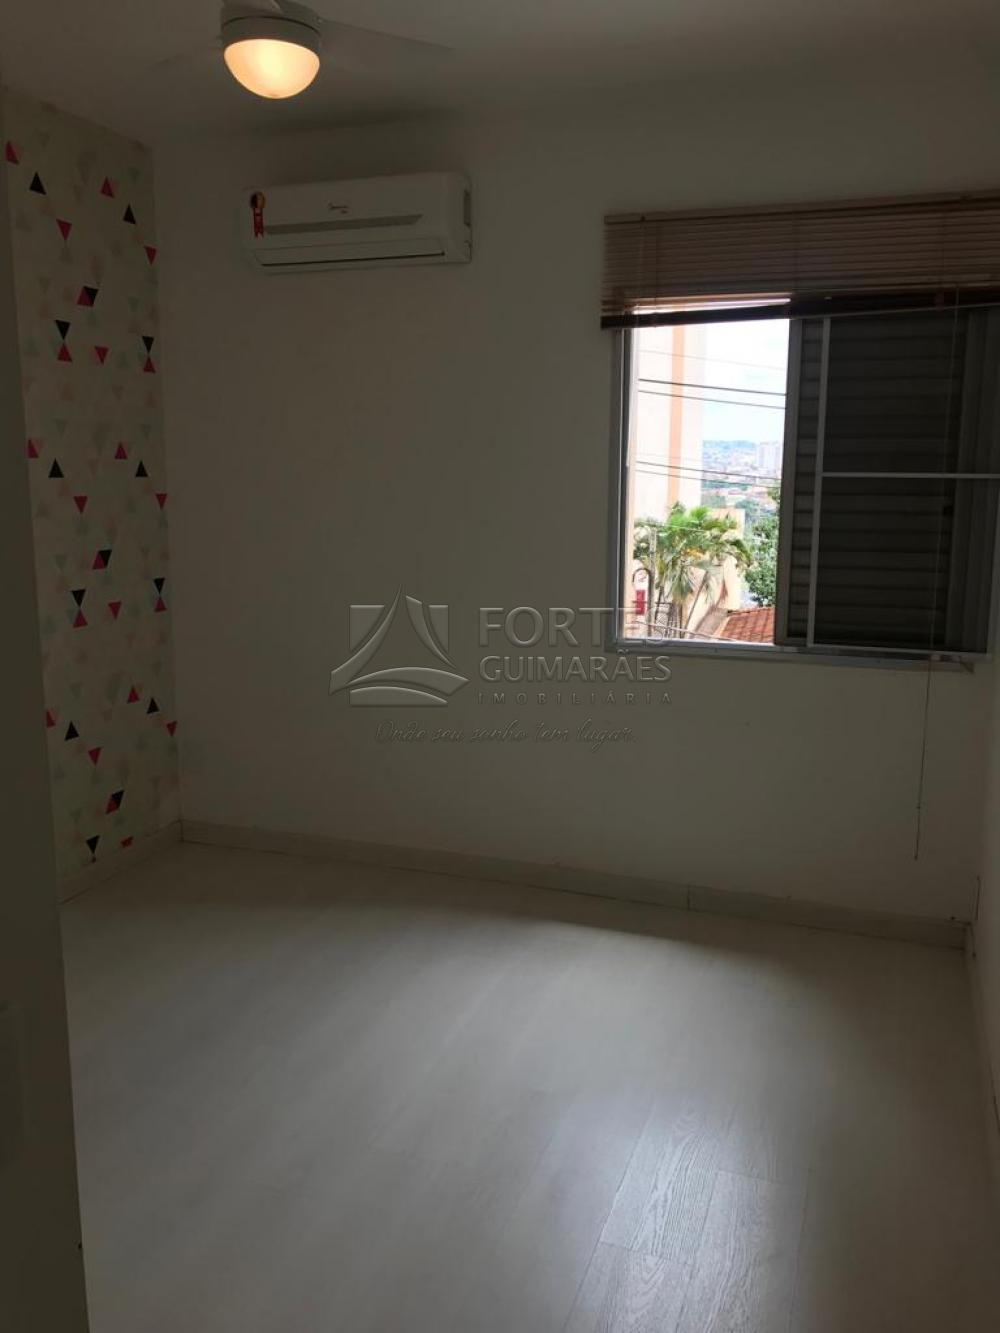 Alugar Apartamentos / Padrão em Ribeirão Preto apenas R$ 1.000,00 - Foto 11